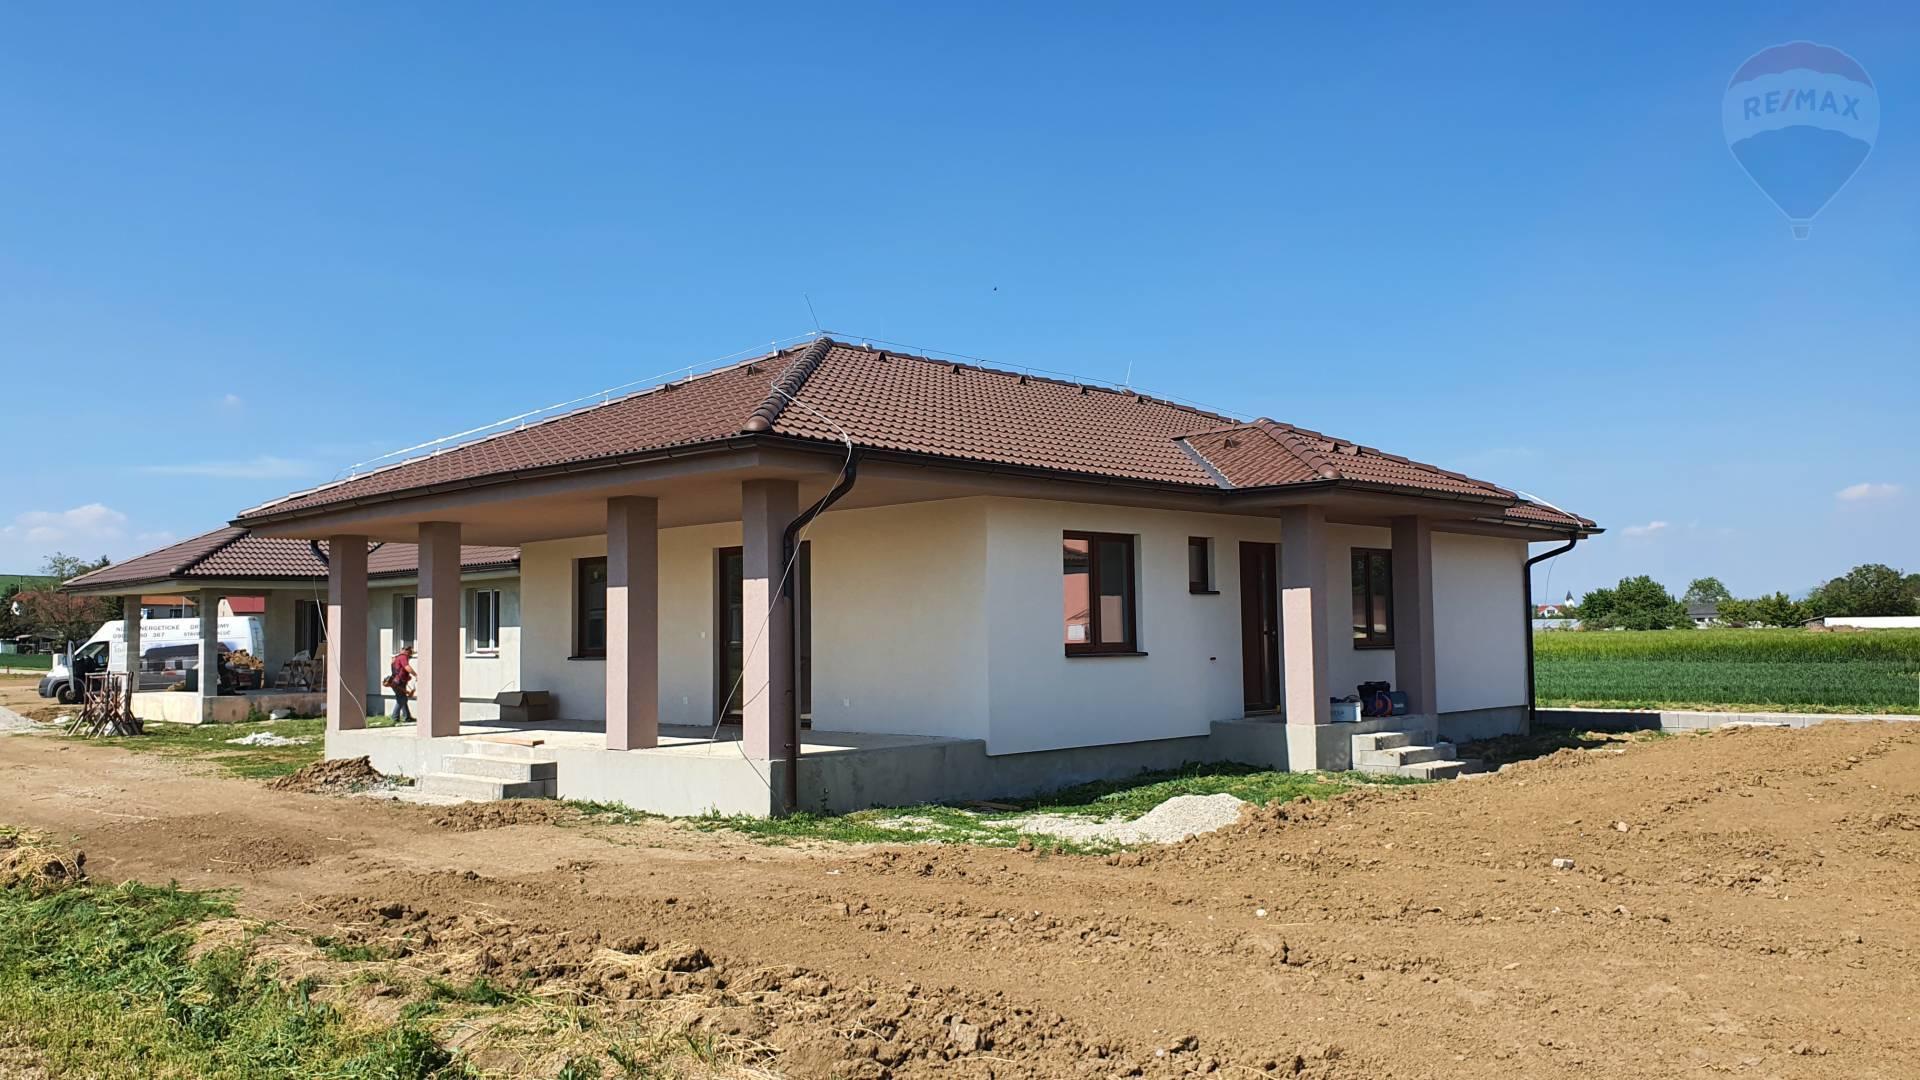 PREDÁM - novostavba rodinný dom CHRABRANY